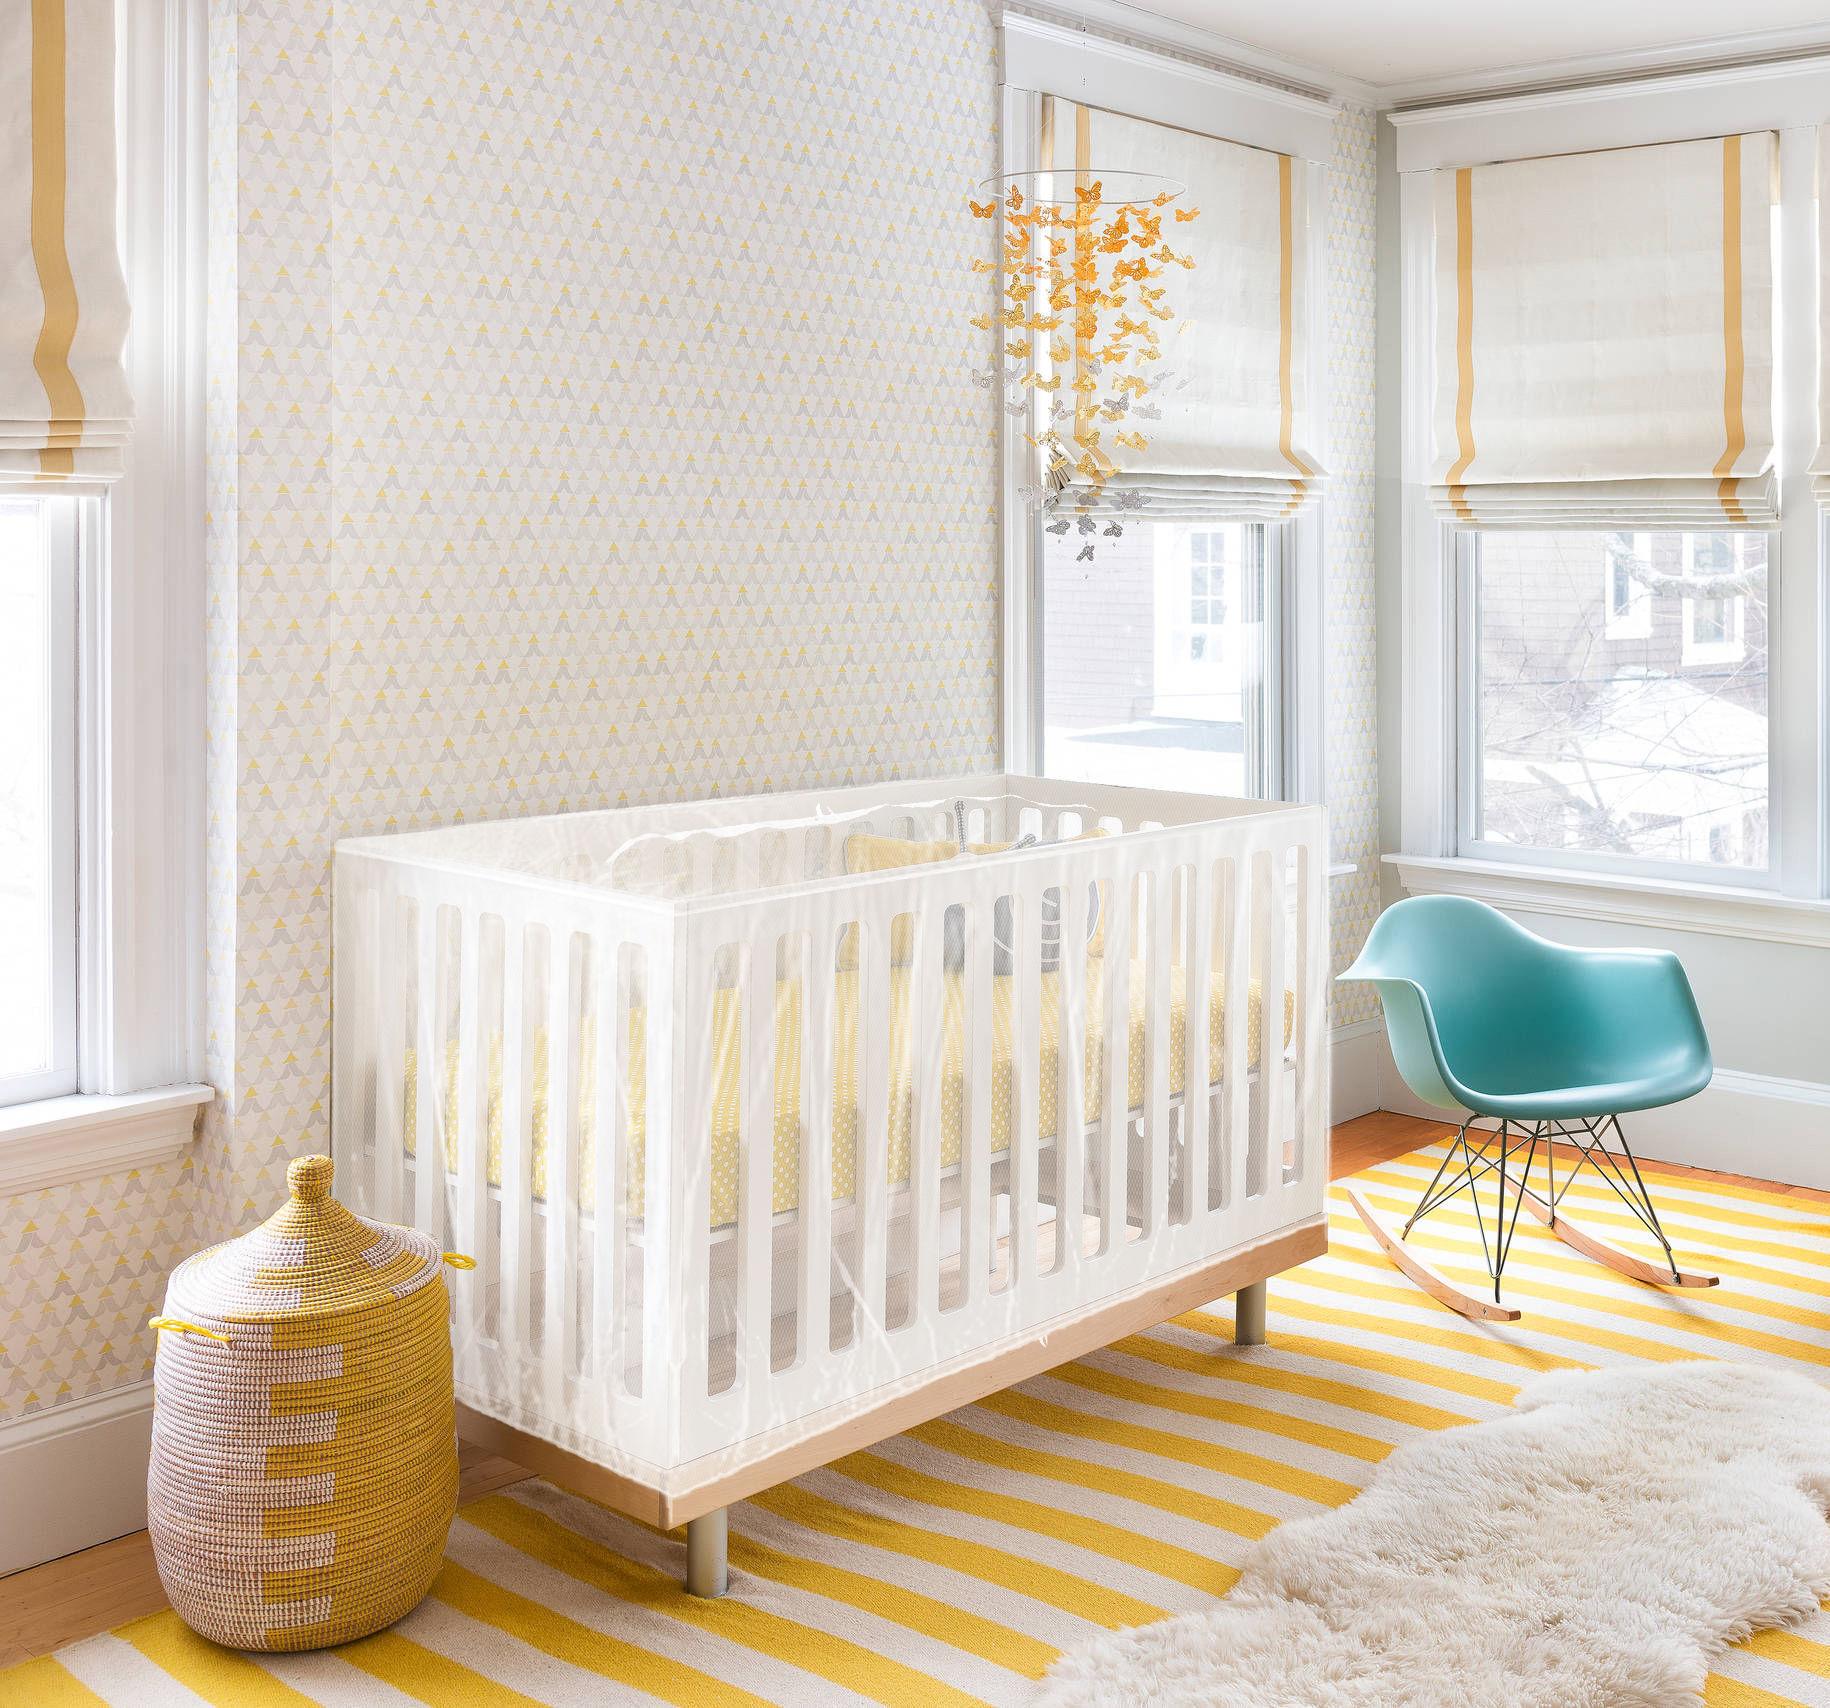 AVOSDIM Moustiquaire pour lit bébé avec fermeture zippée universel